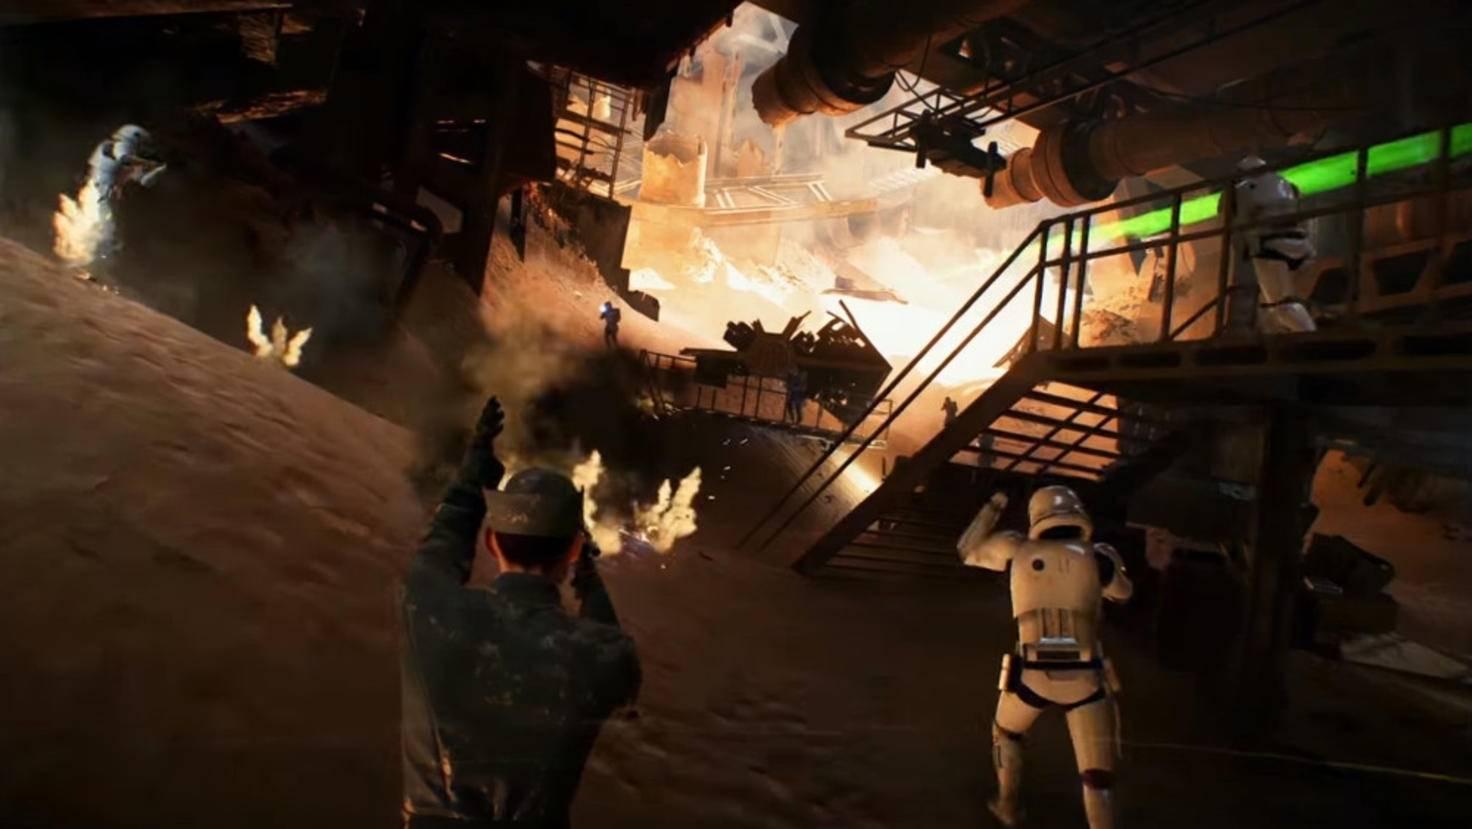 Offiziere führen ihre Truppen in die Schlacht.